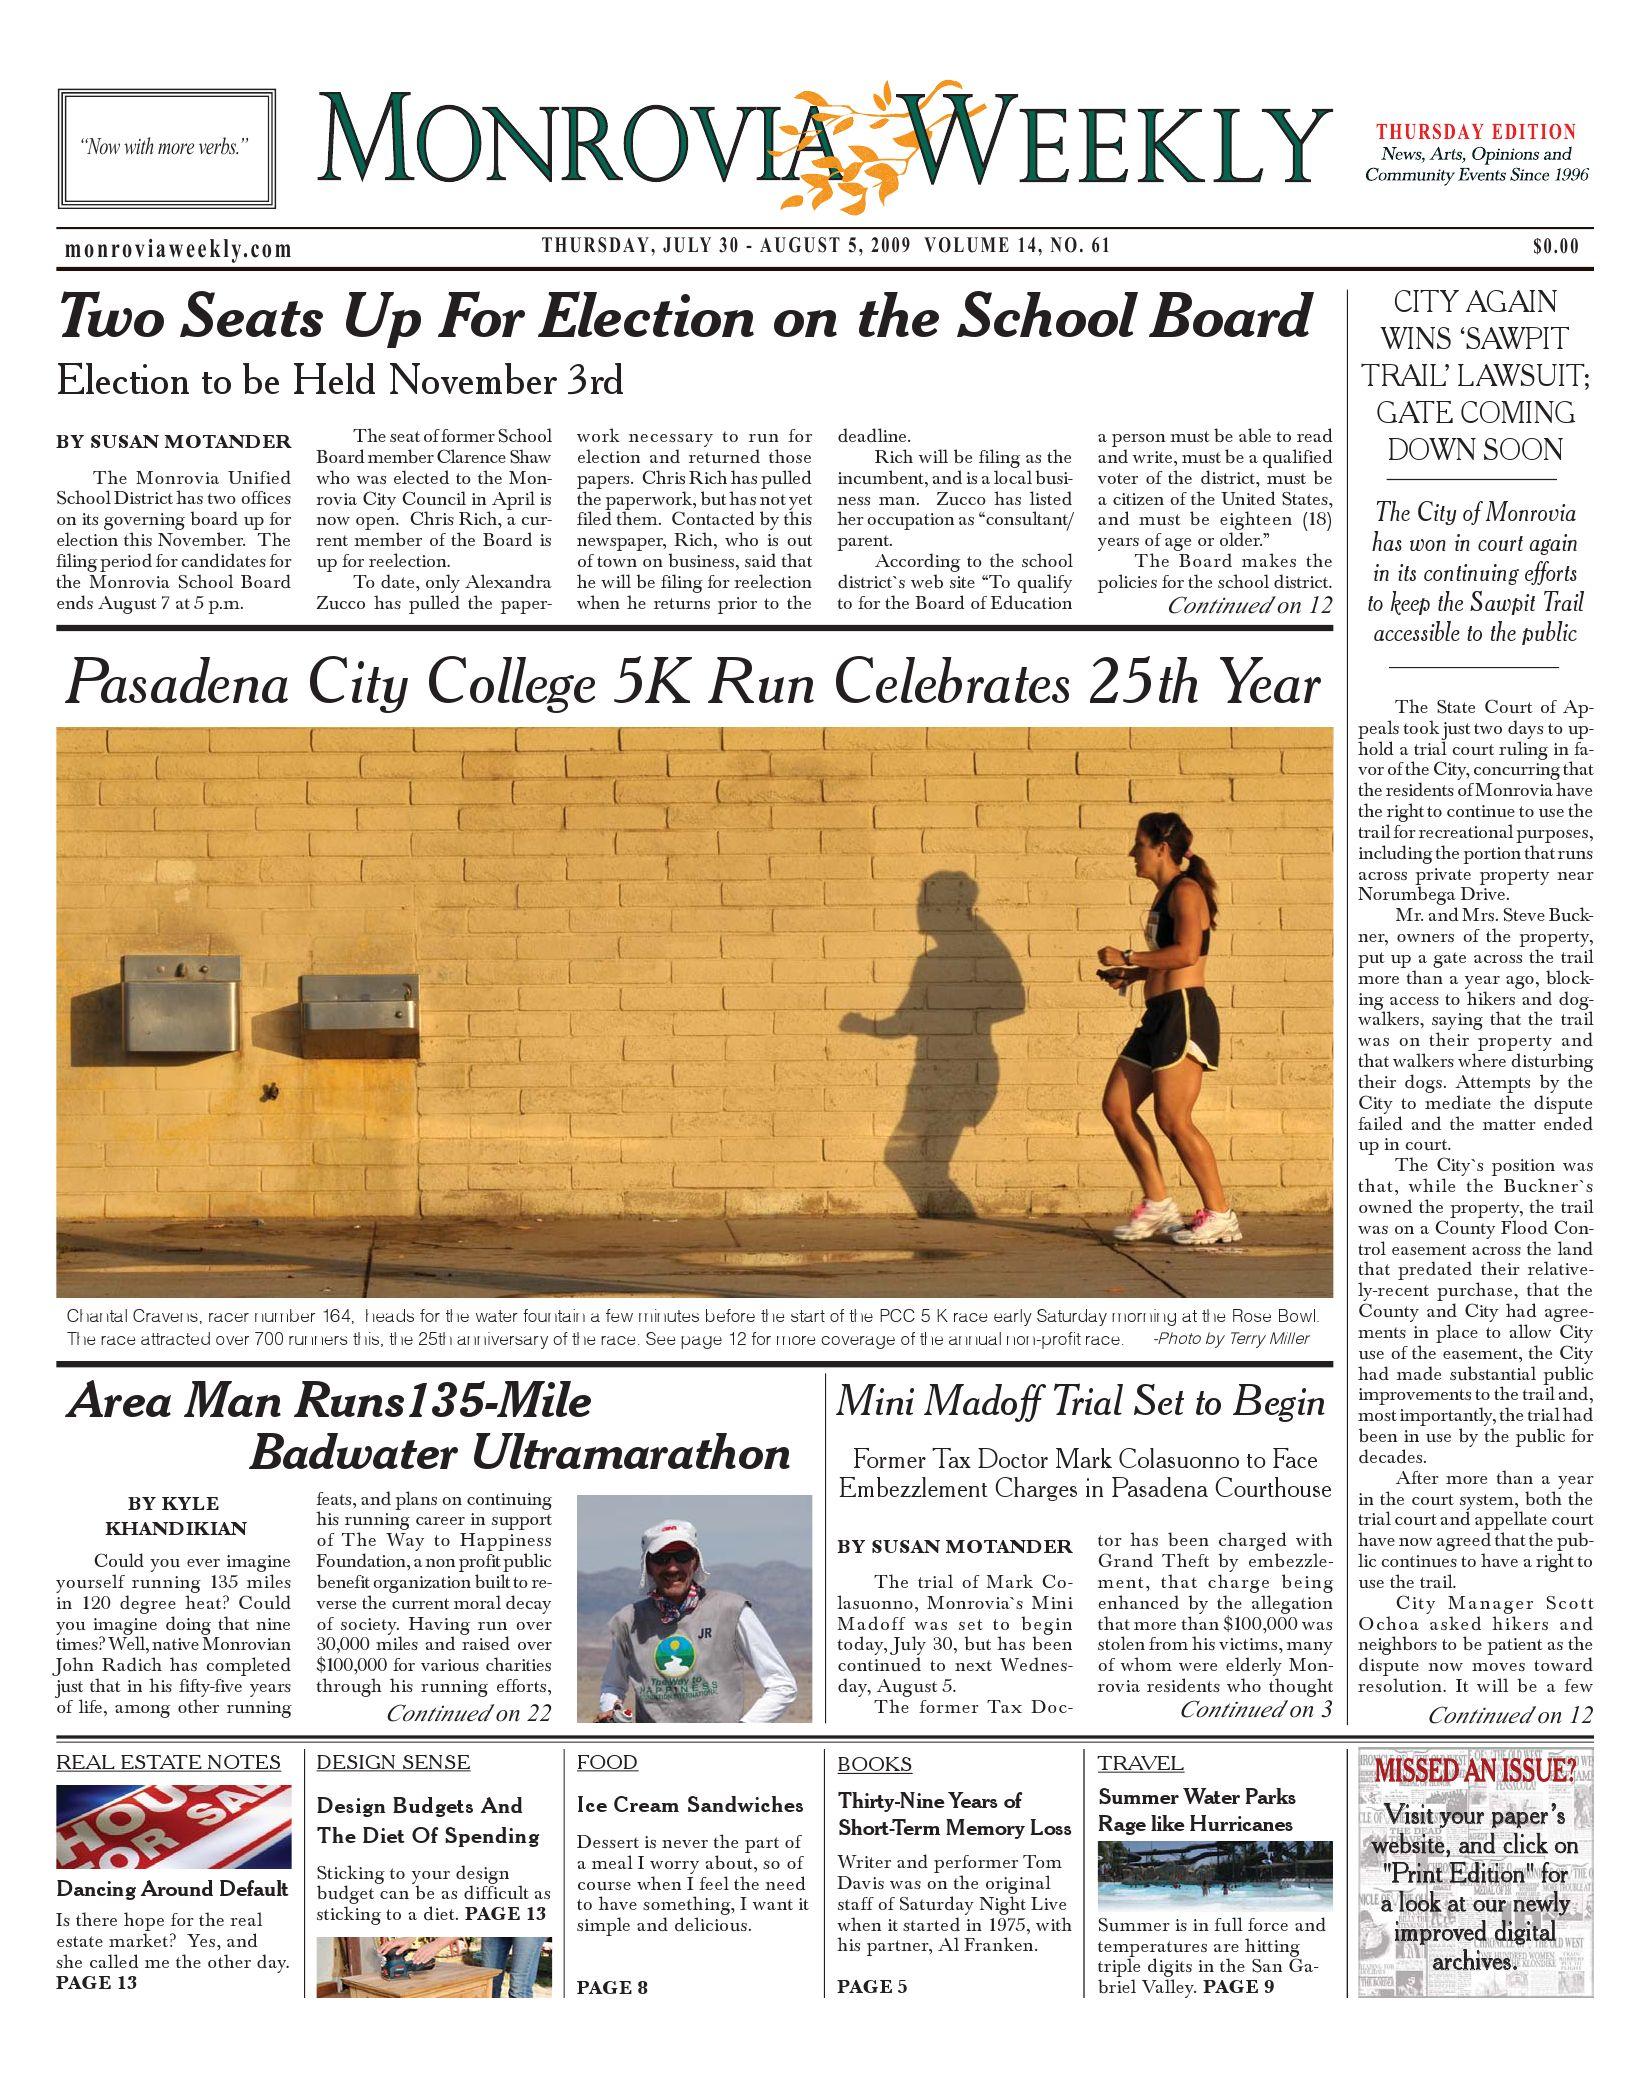 2009 07 30 monrovia by beacon media